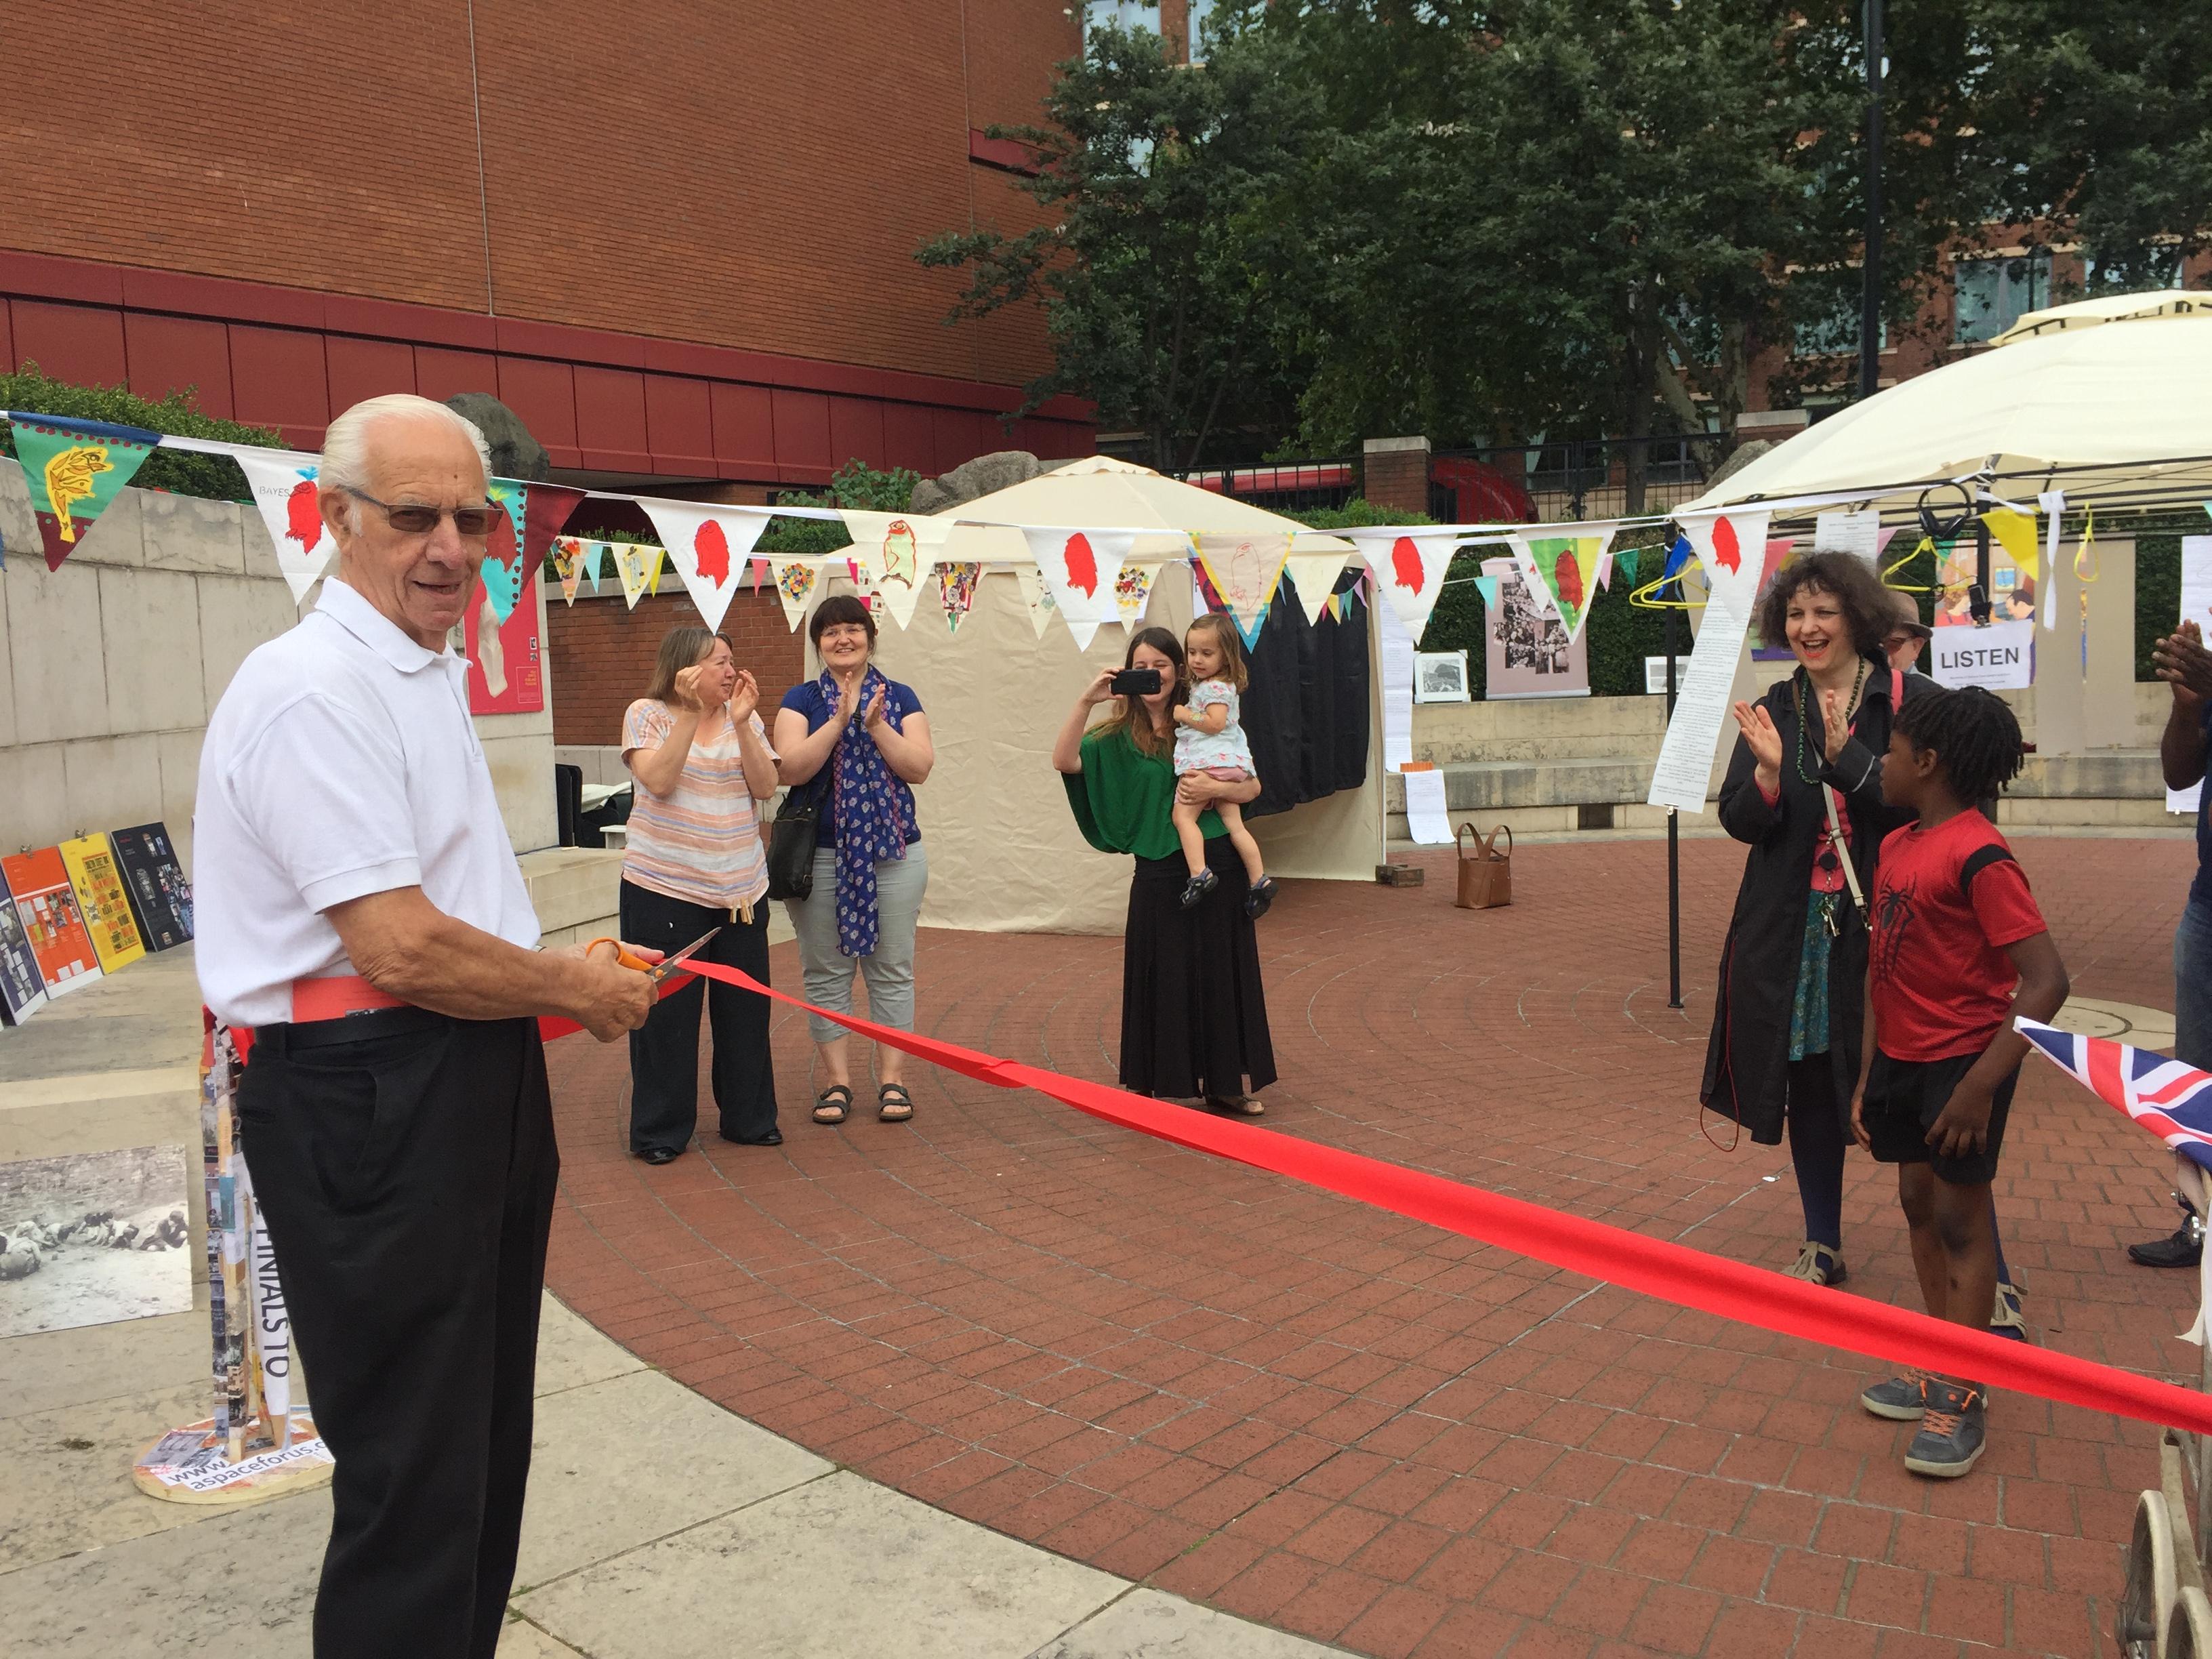 A man cutting a red tape in public.